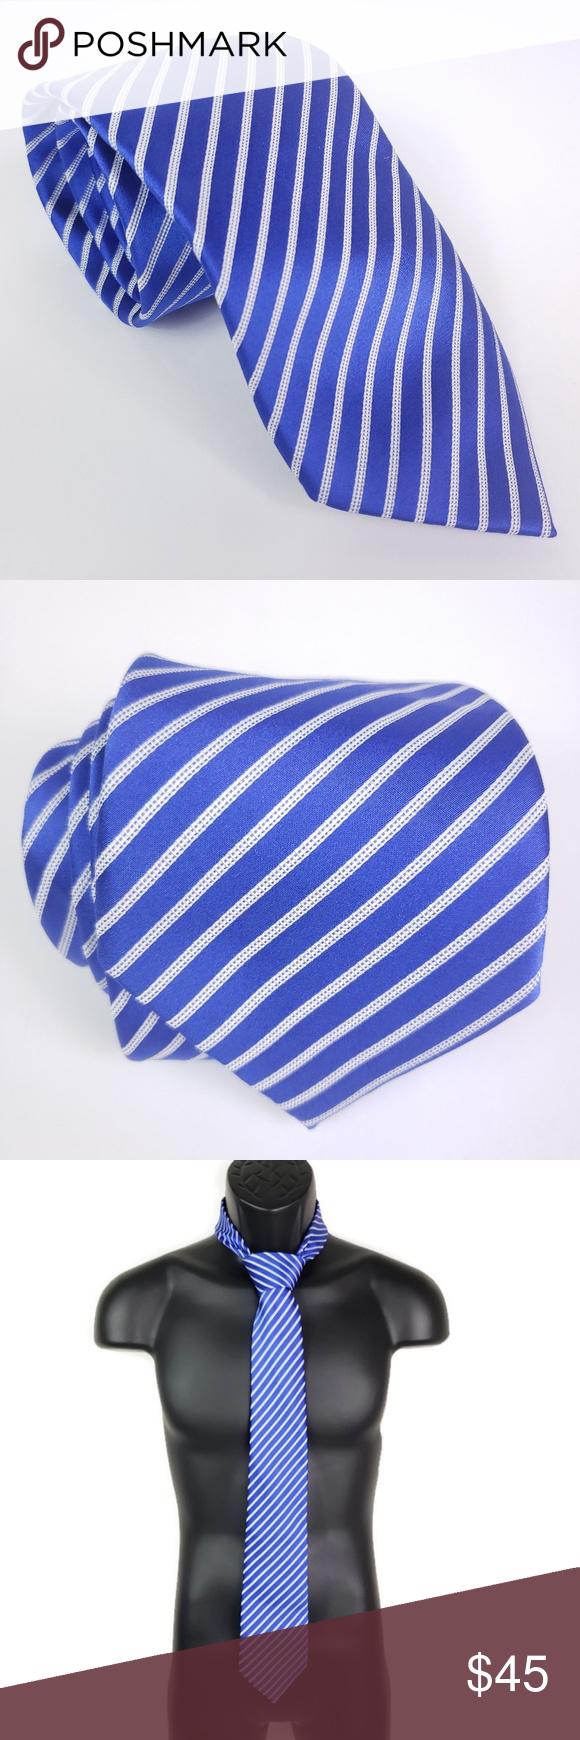 Trump Signature Collection Blue White Striped Tie Striped Tie Blue And White Signature Collection